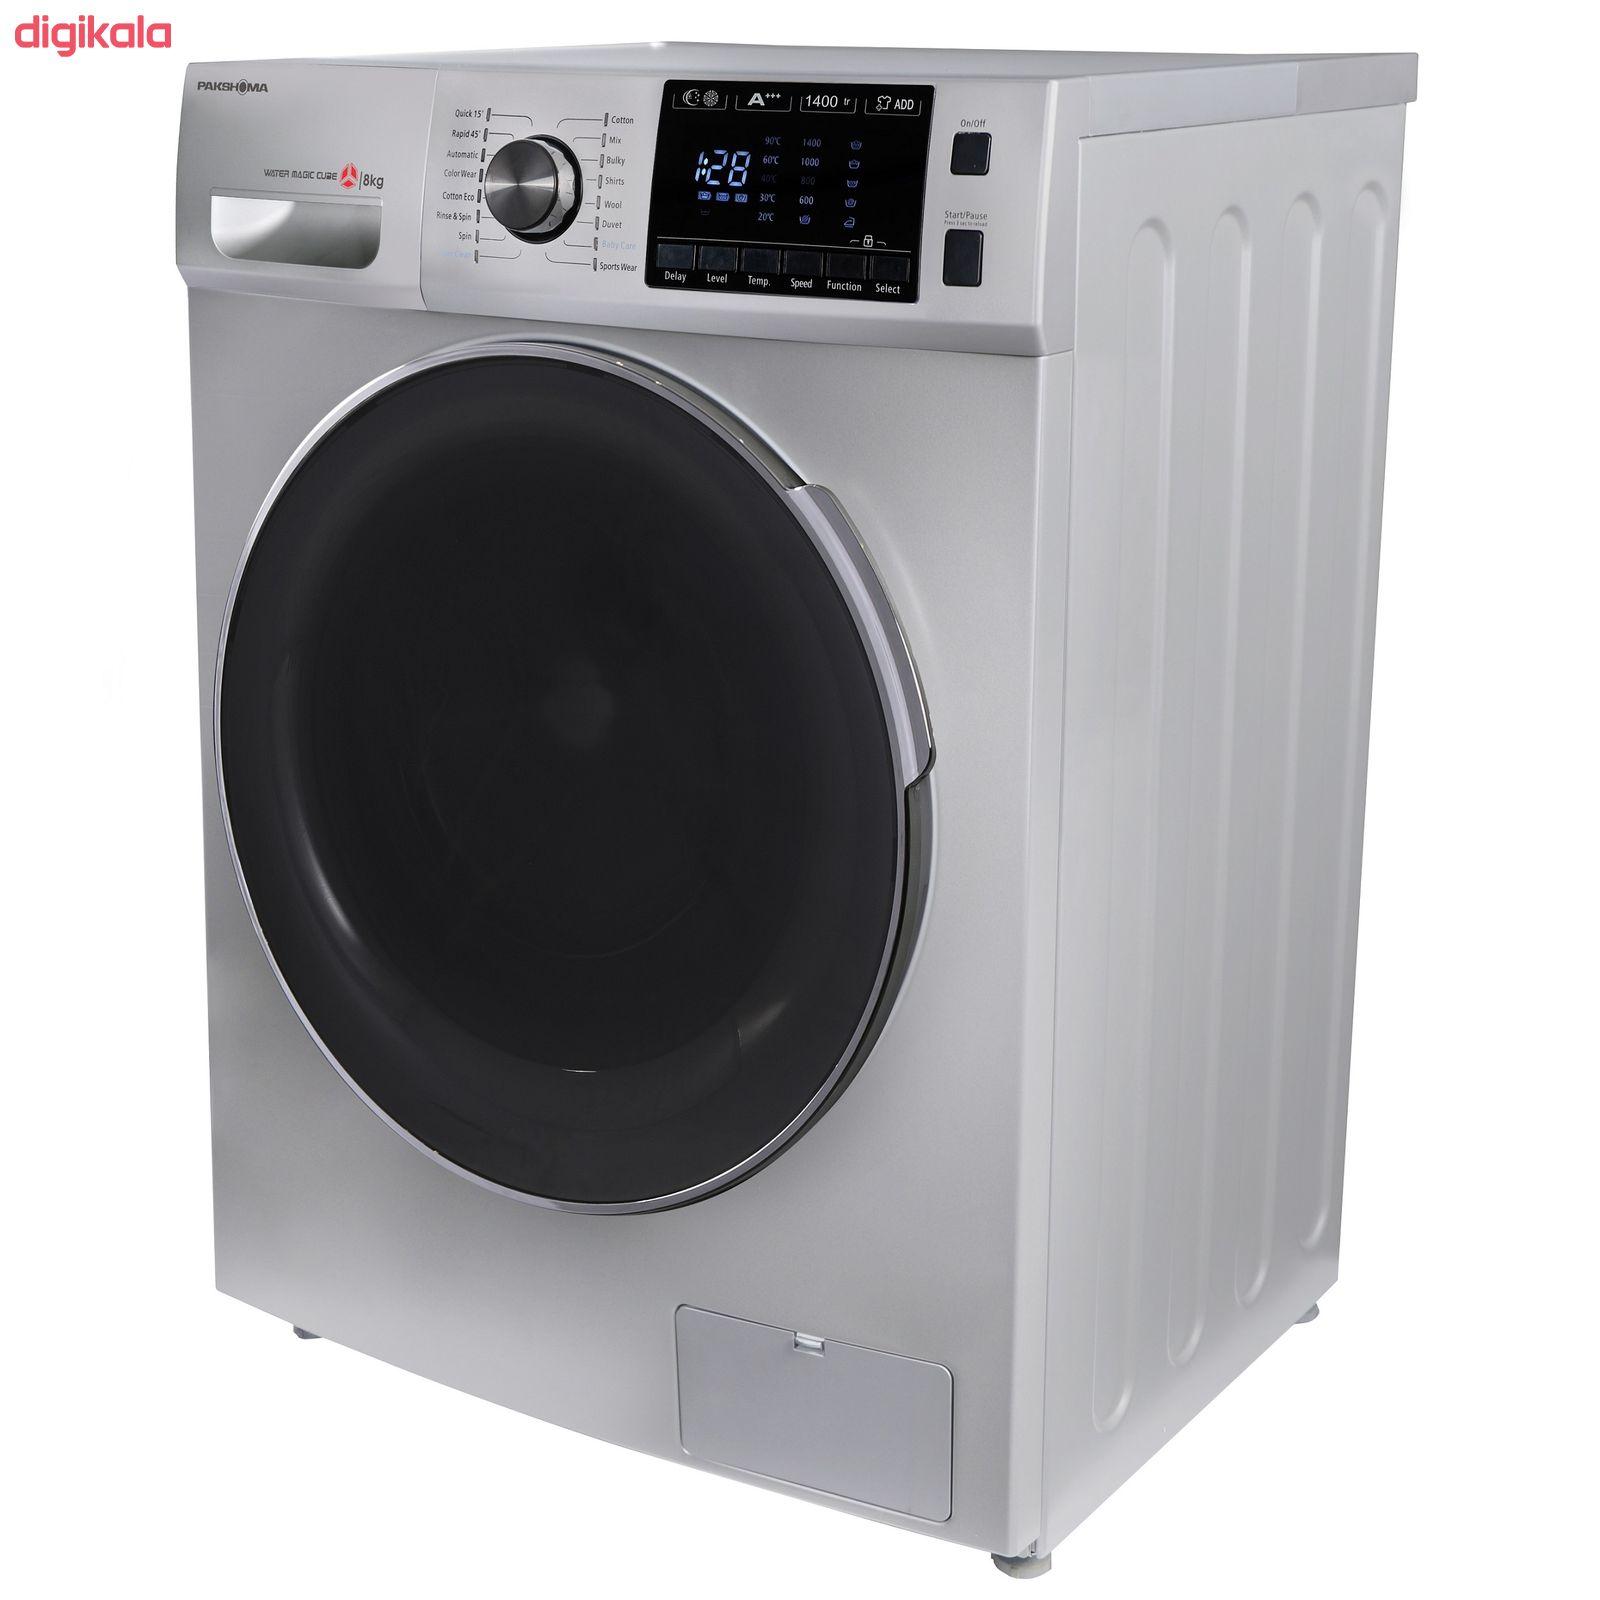 ماشین لباسشویی پاکشوما مدل TFU-84406 ظرفیت 8 کیلوگرم main 1 3